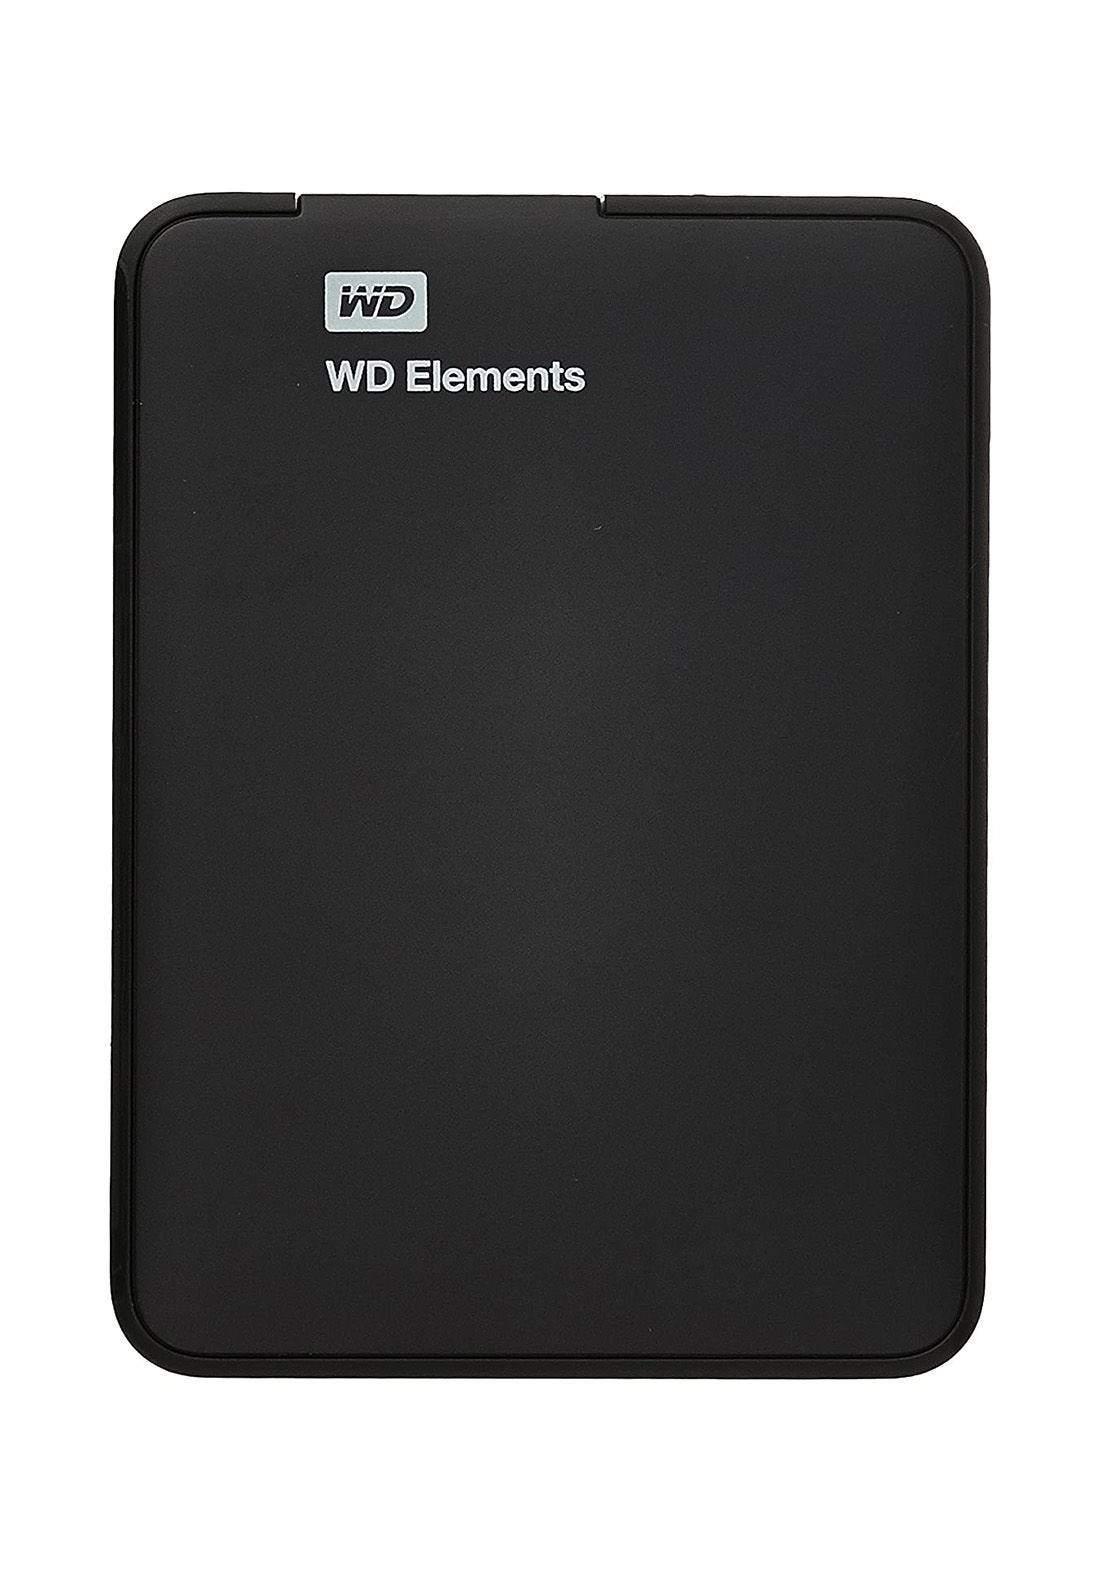 Wd Elements External HDD 2TB - Black هارد خارجي